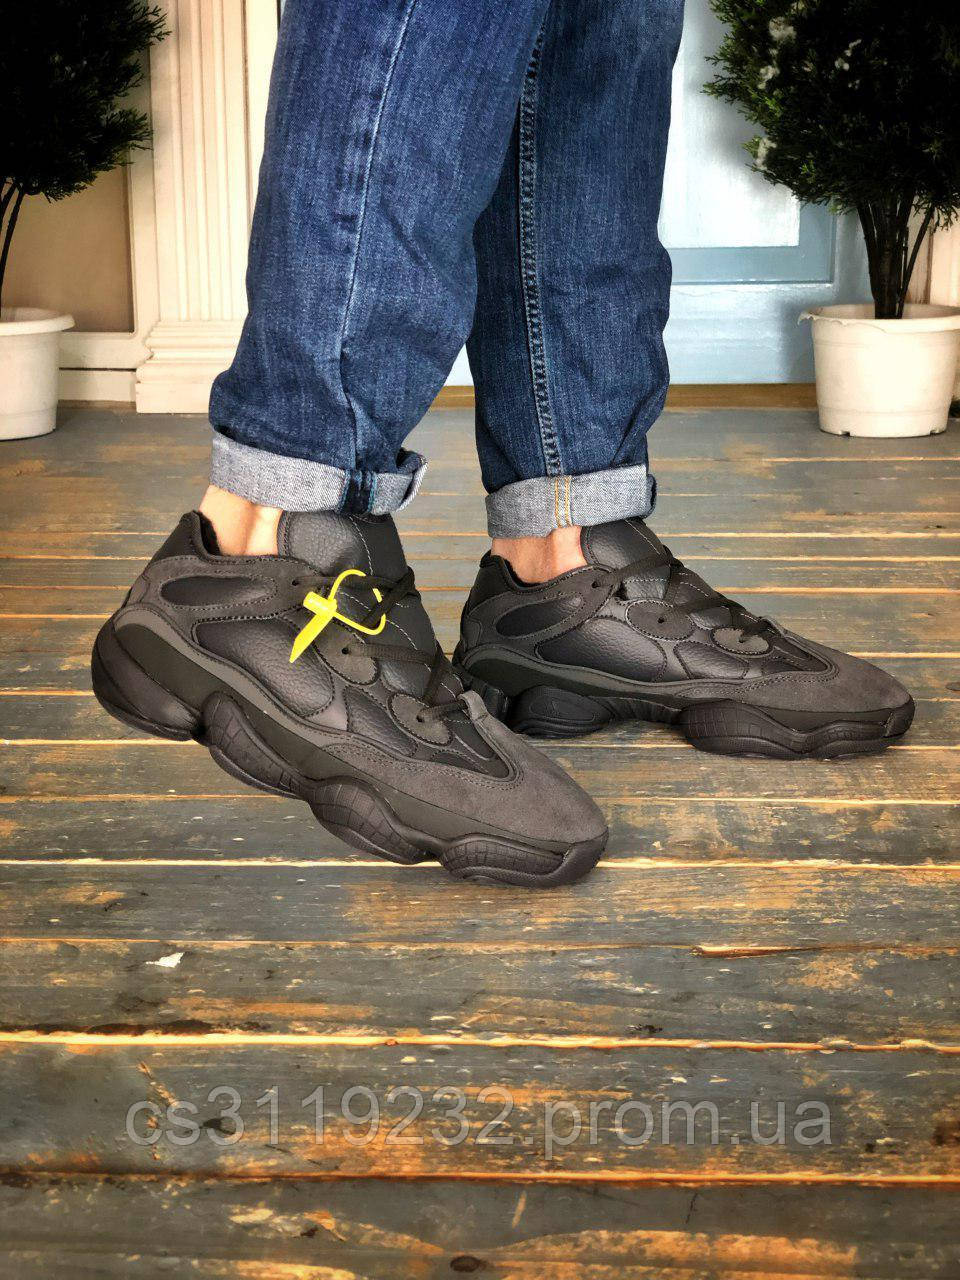 Чоловічі зимові кросівки Adidas Yeezy 500 (хутро) (чорні)